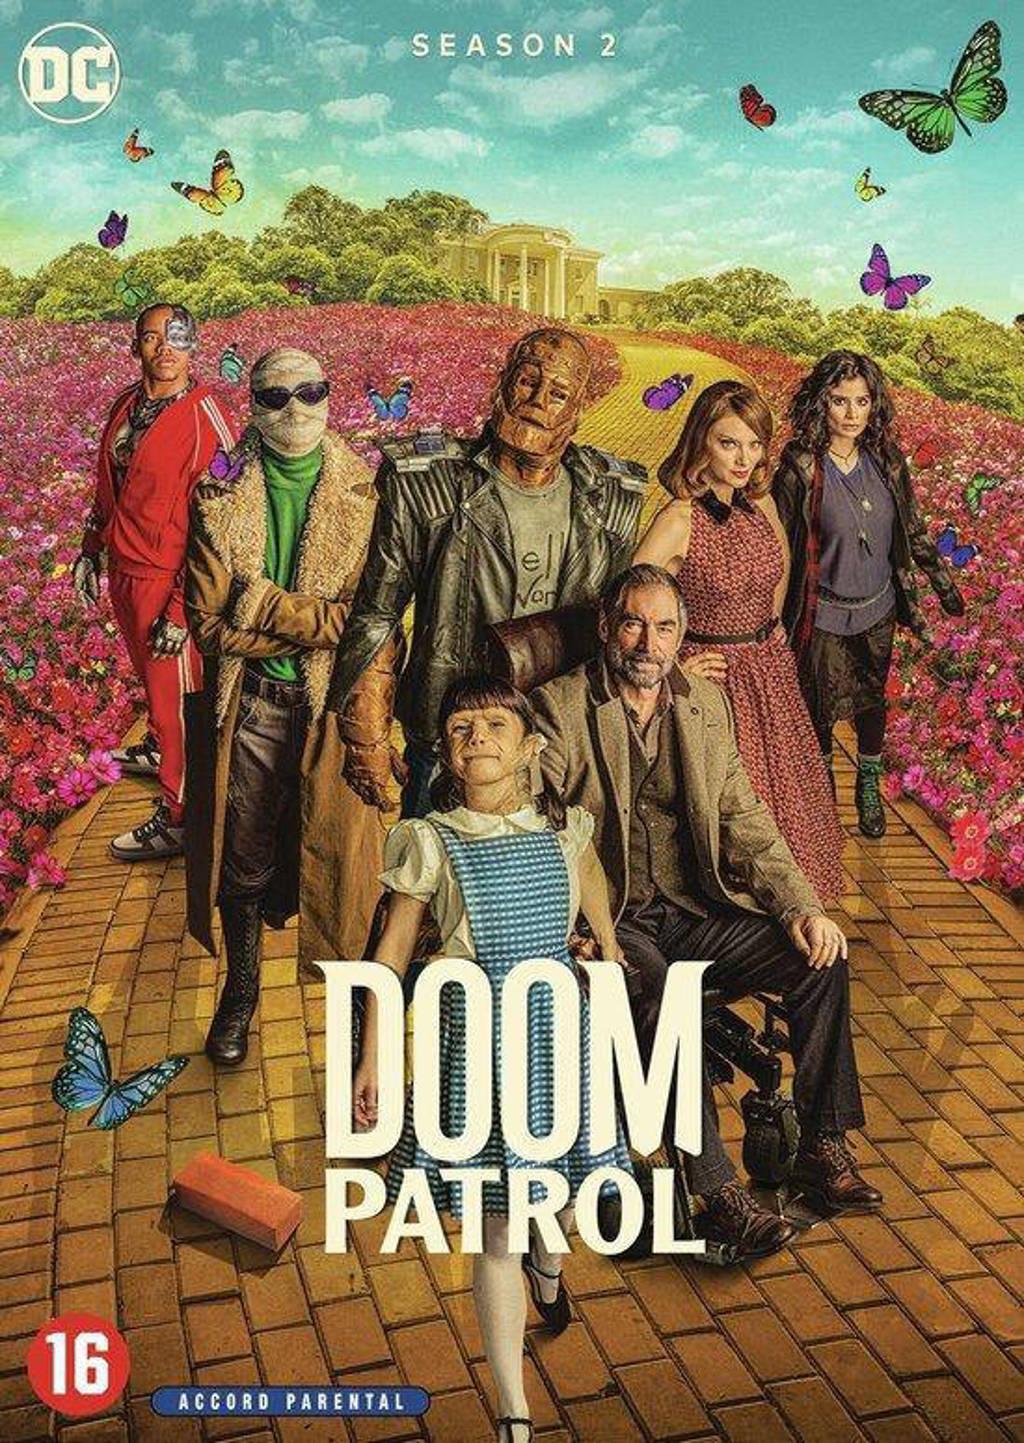 Doom patrol - Seizoen 2  (DVD)